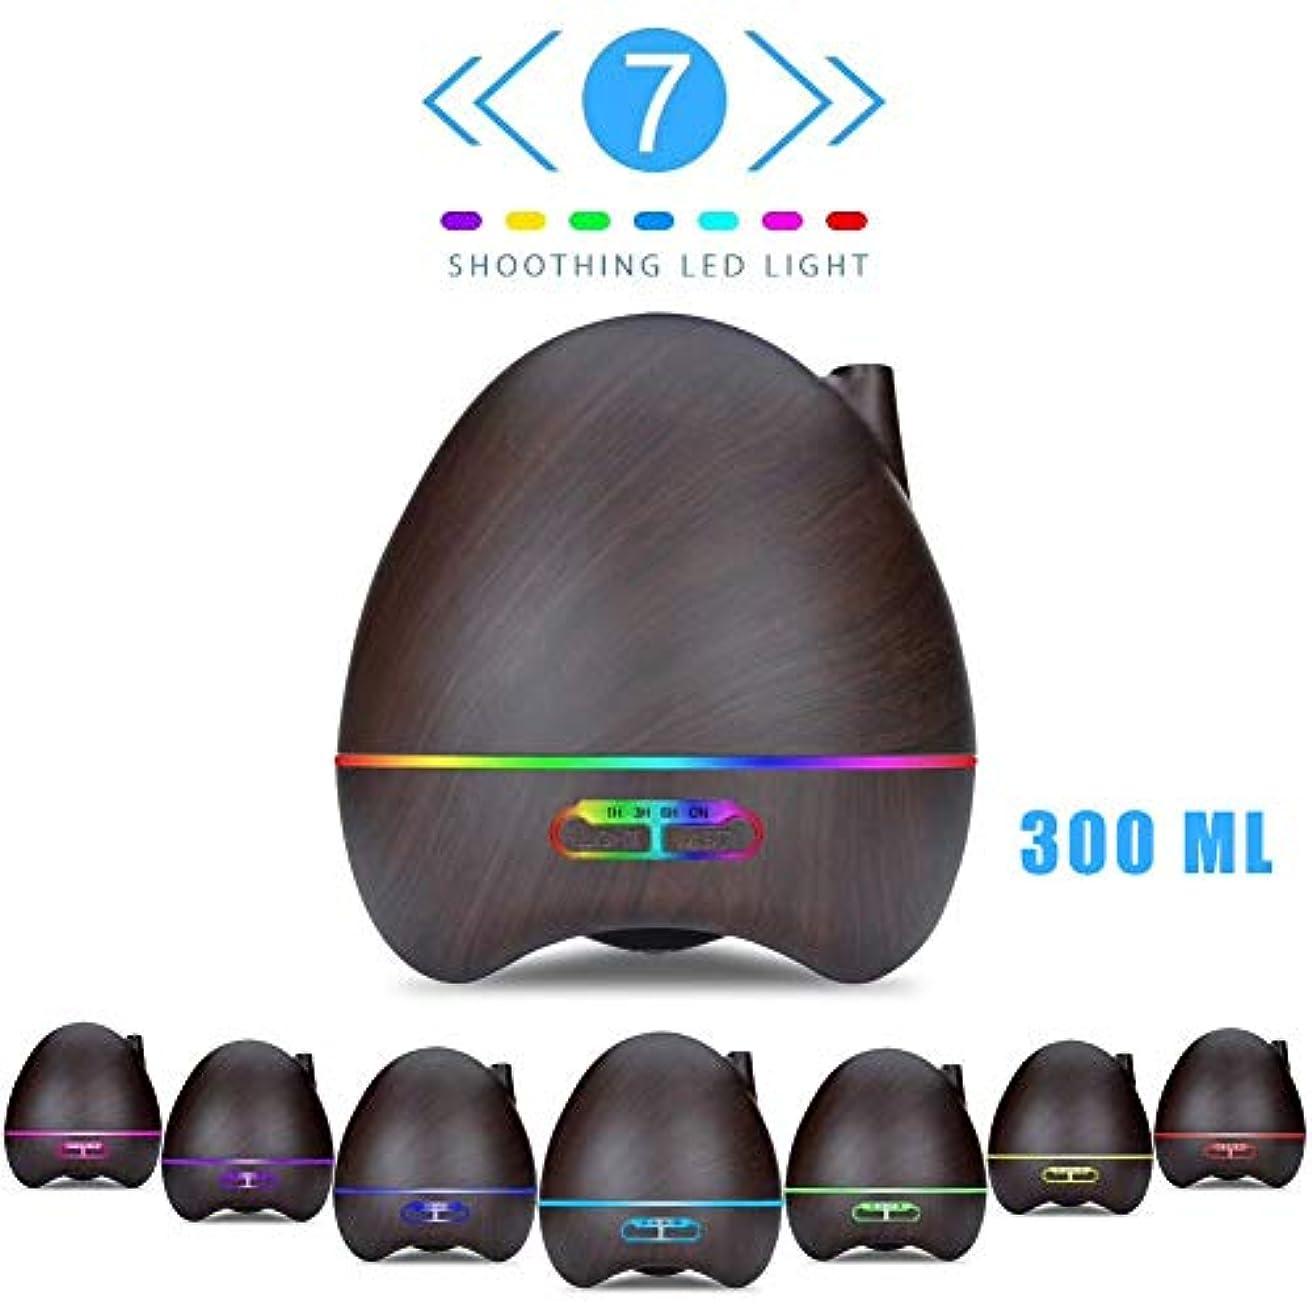 変数ほかに音エッセンシャルオイルディフューザー、300ml木目アロマセラピーディフューザー調節可能なミストモードのクールミストアロマ加湿器7色LEDライト